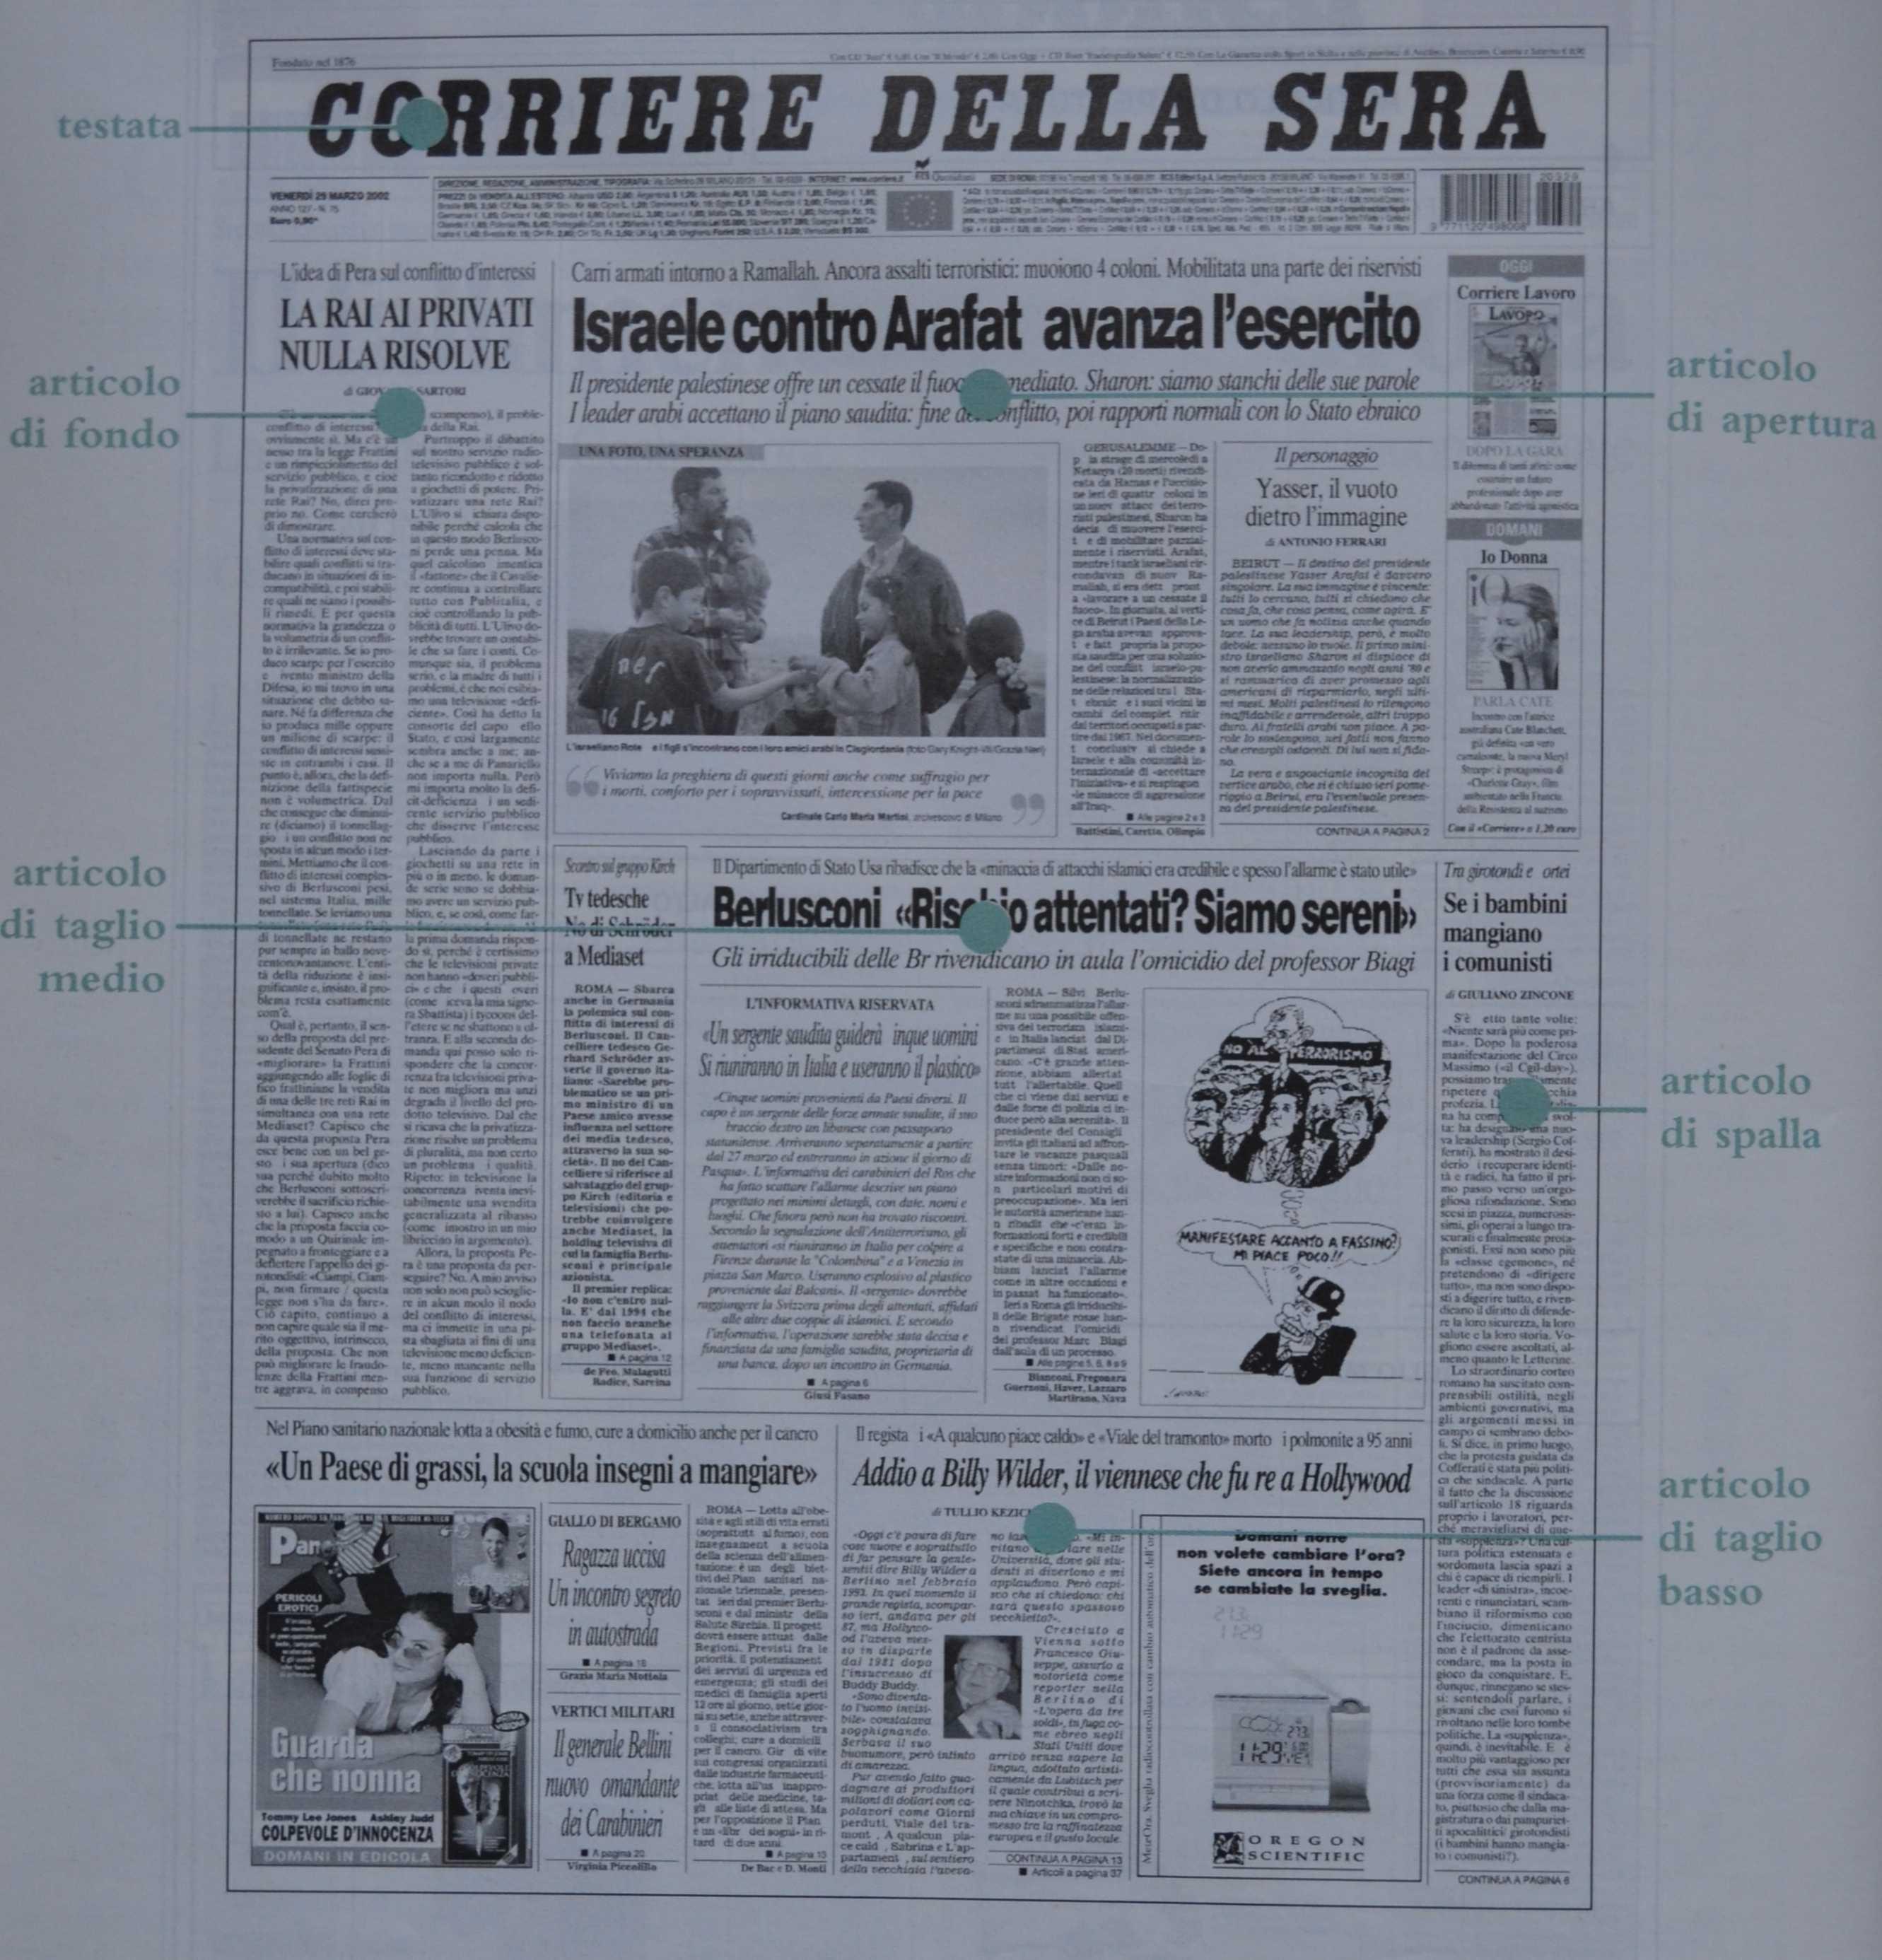 Il Giornale E La Pubblicita Profssa Federica Cerchiari